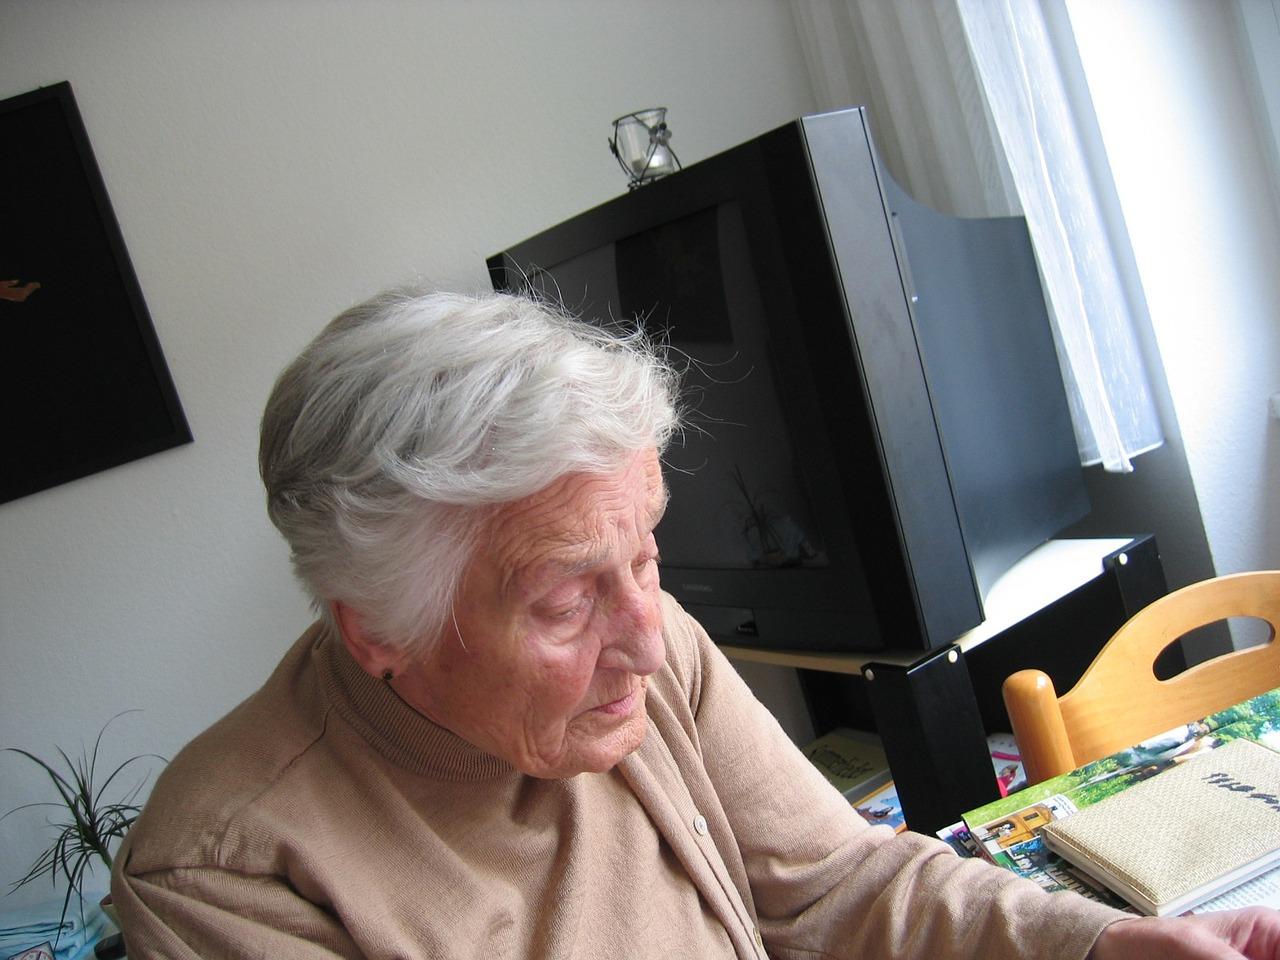 Nicht immer ist es für Senioren das Beste in ein Seniorenheim zu wechseln - Alternative Konzepte sind beliebt und machen je nach Pflegestufe mehr Sinn